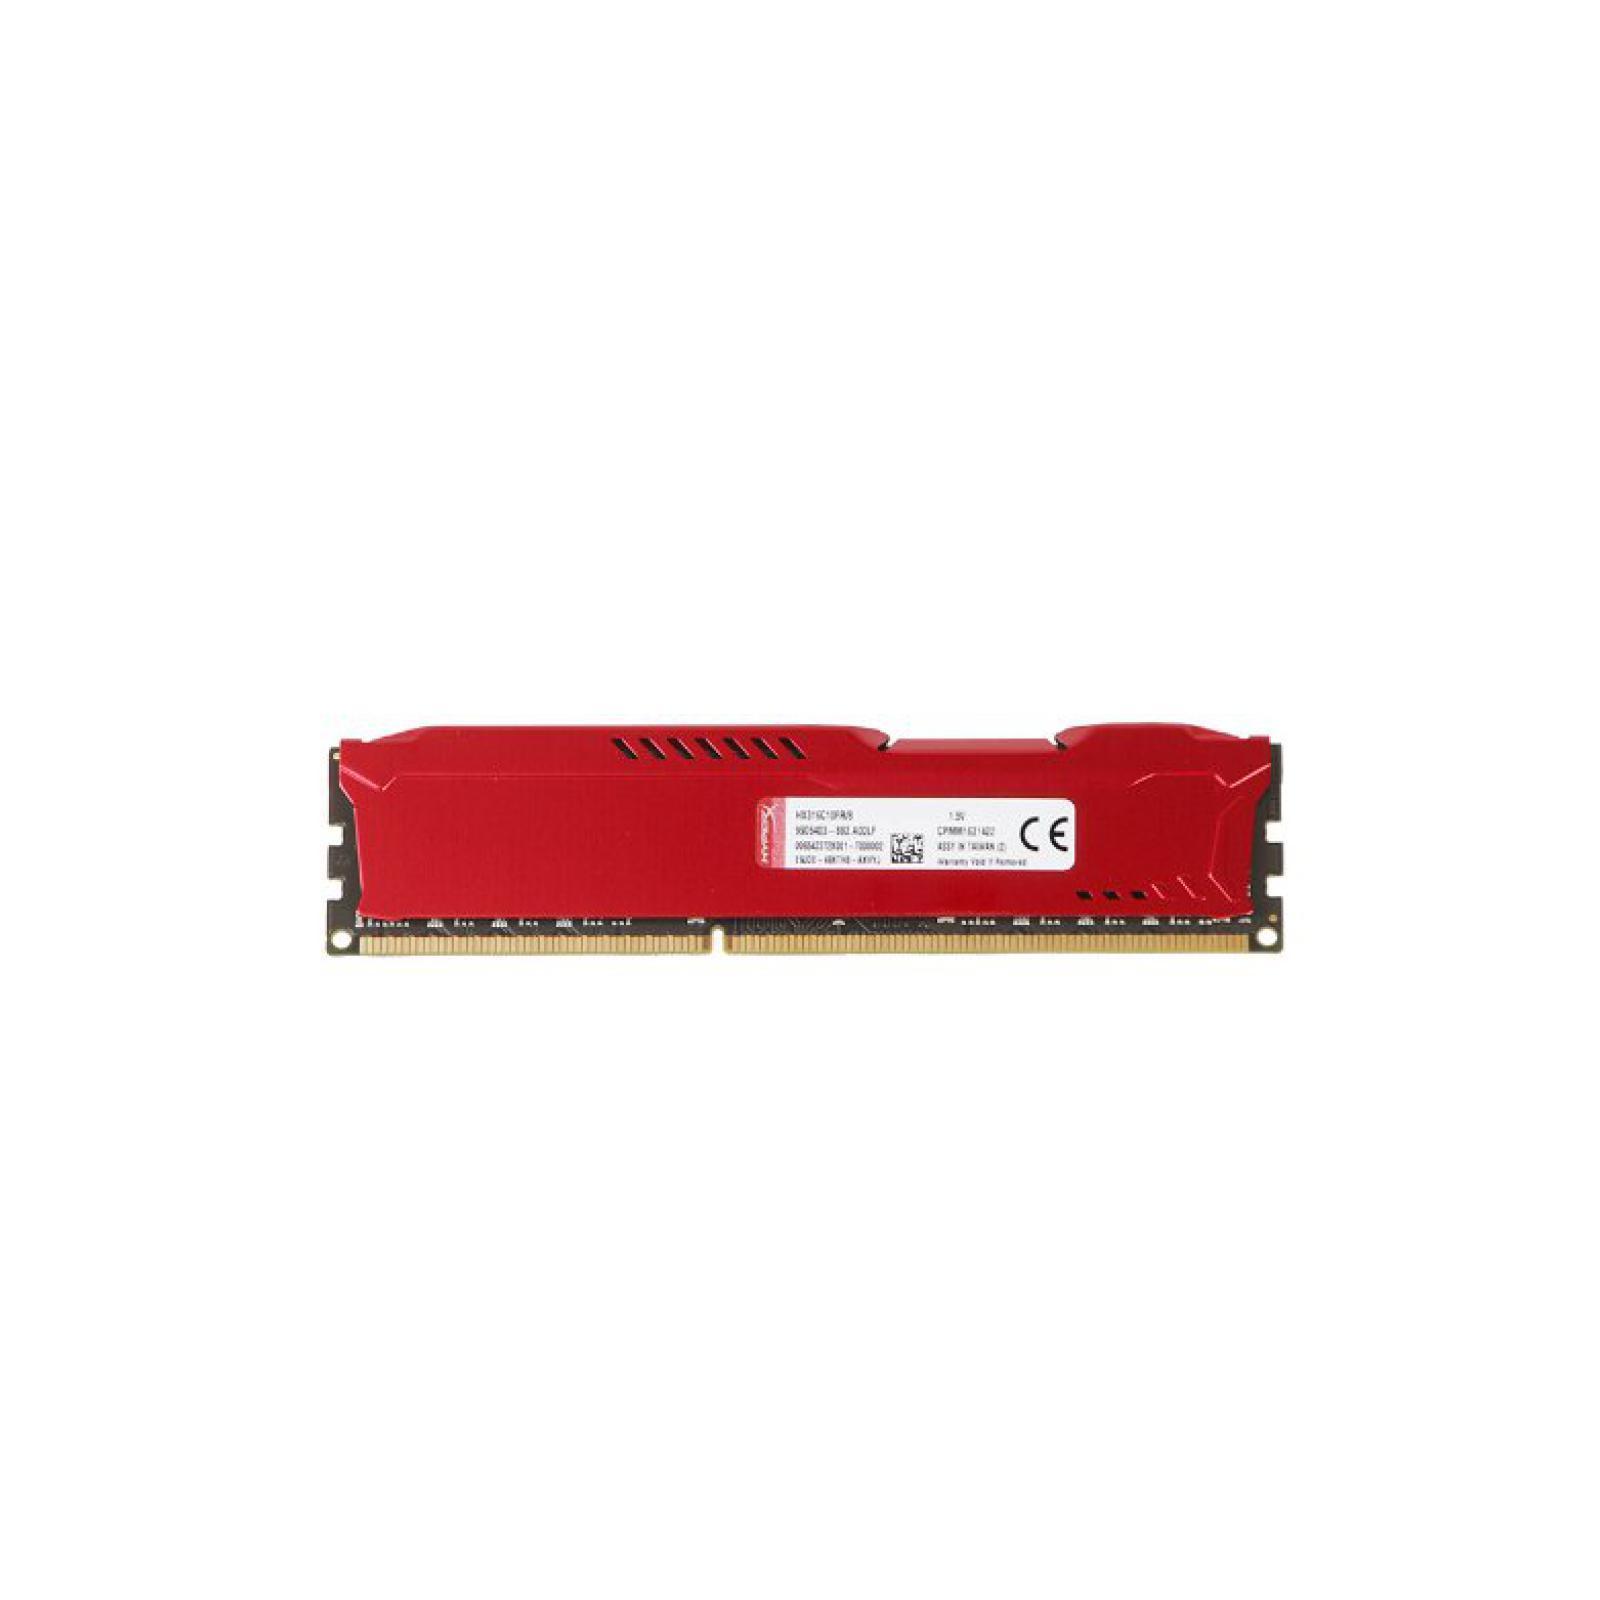 Модуль памяти для компьютера DDR4 8GB 3466 MHz HyperX FURY Red HyperX (Kingston Fury) (HX434C19FR2/8) изображение 4